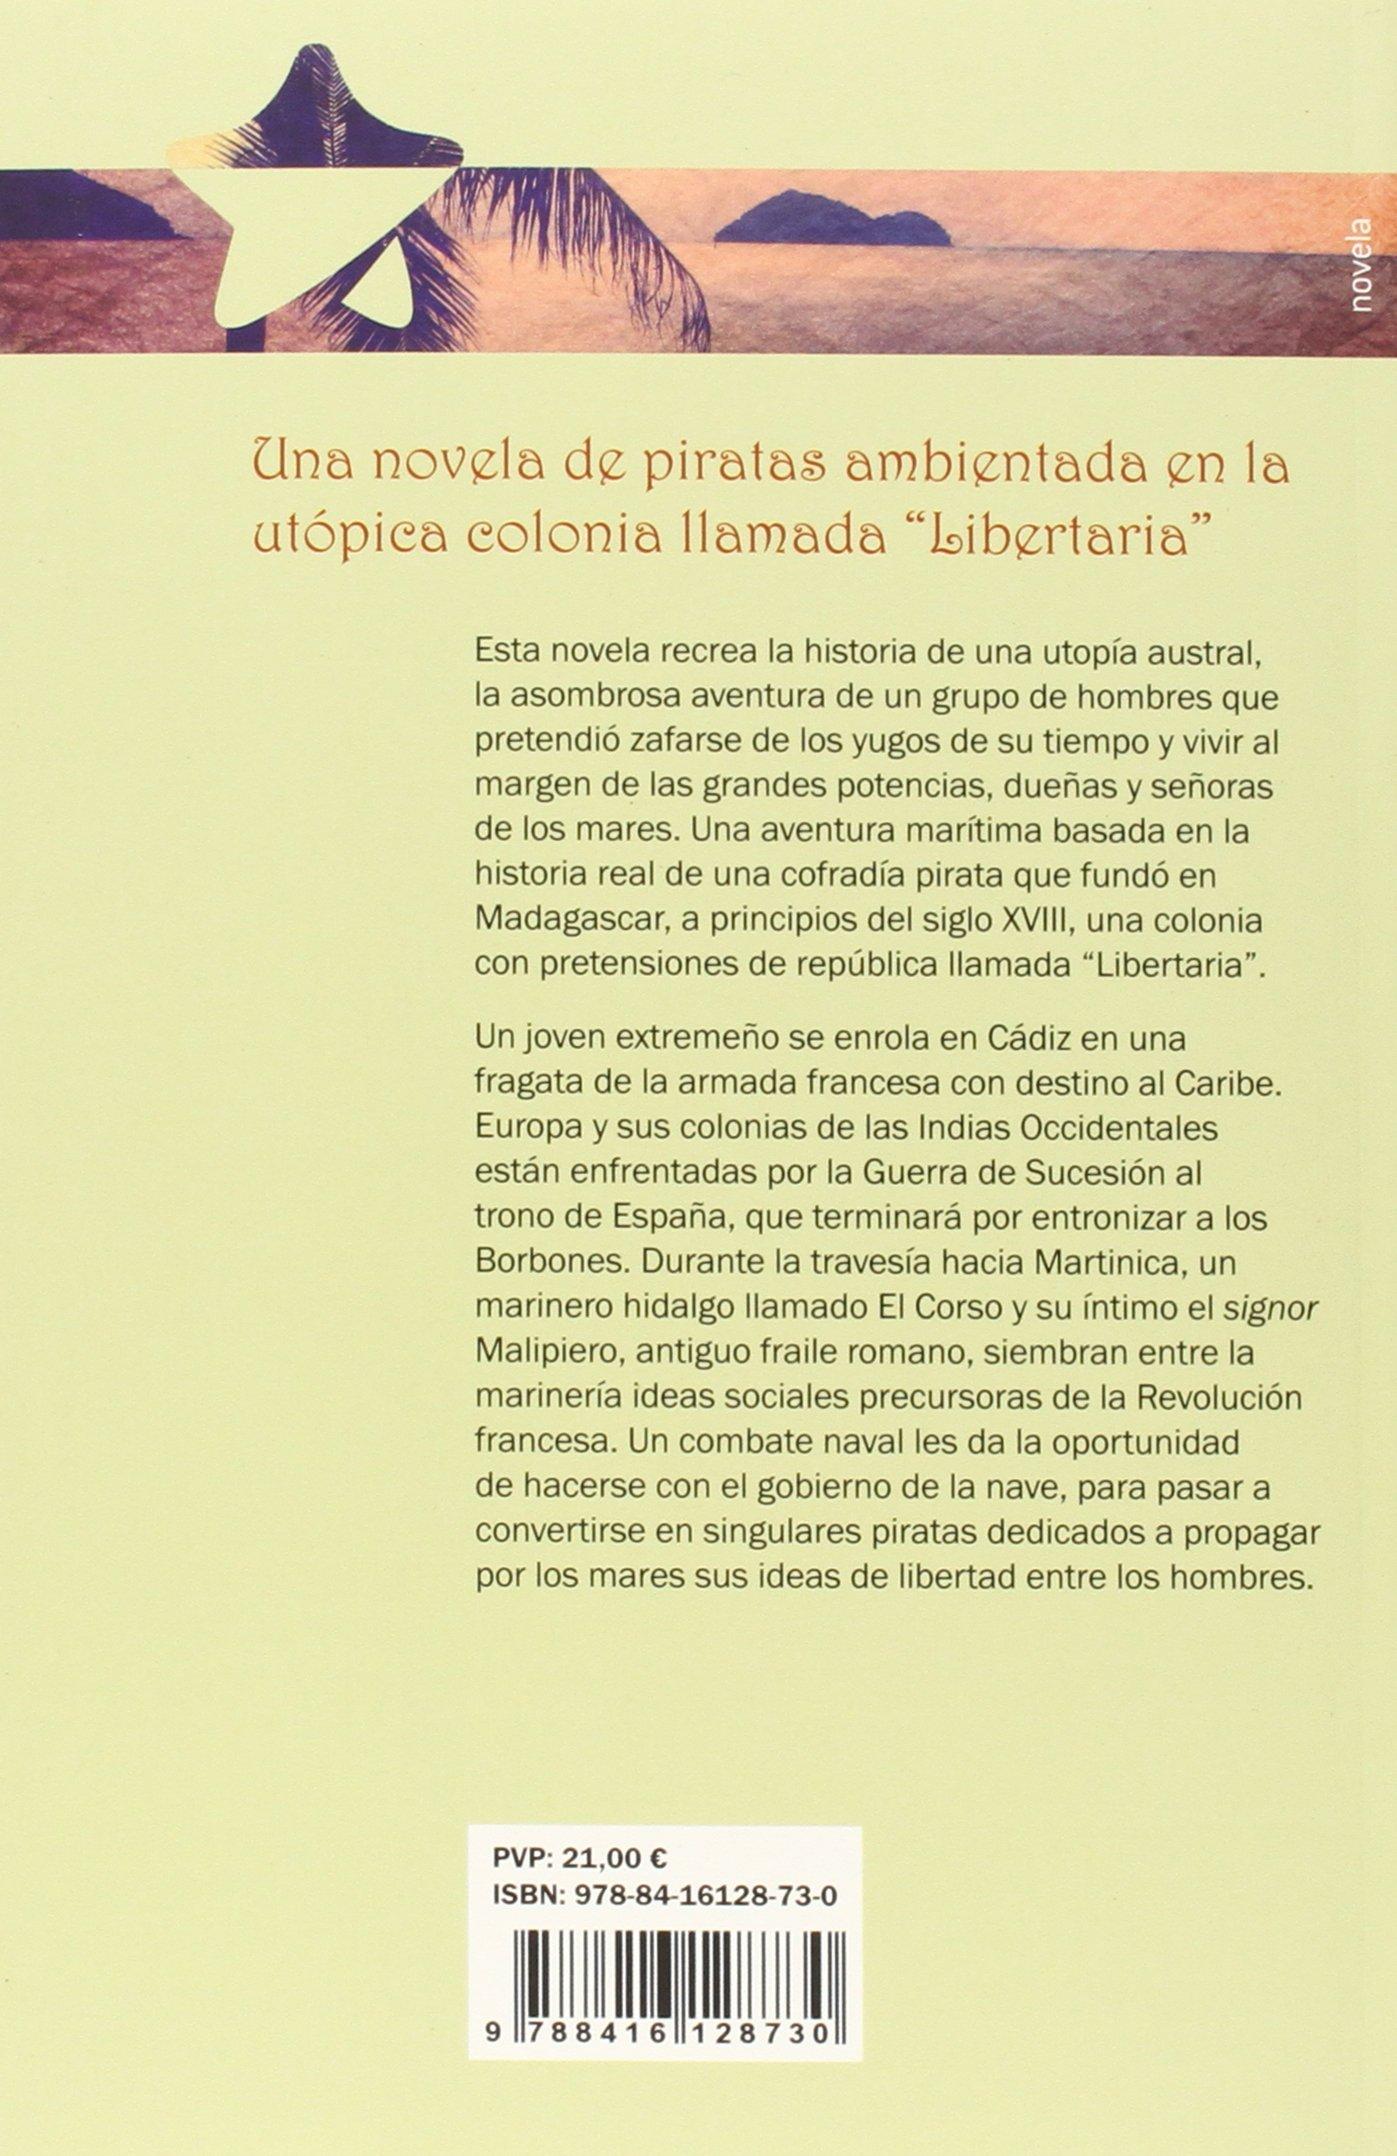 Aquella Noche En El Mar De Las Indias: Amazon.es: Jesús Greus Romero de Tejada: Libros